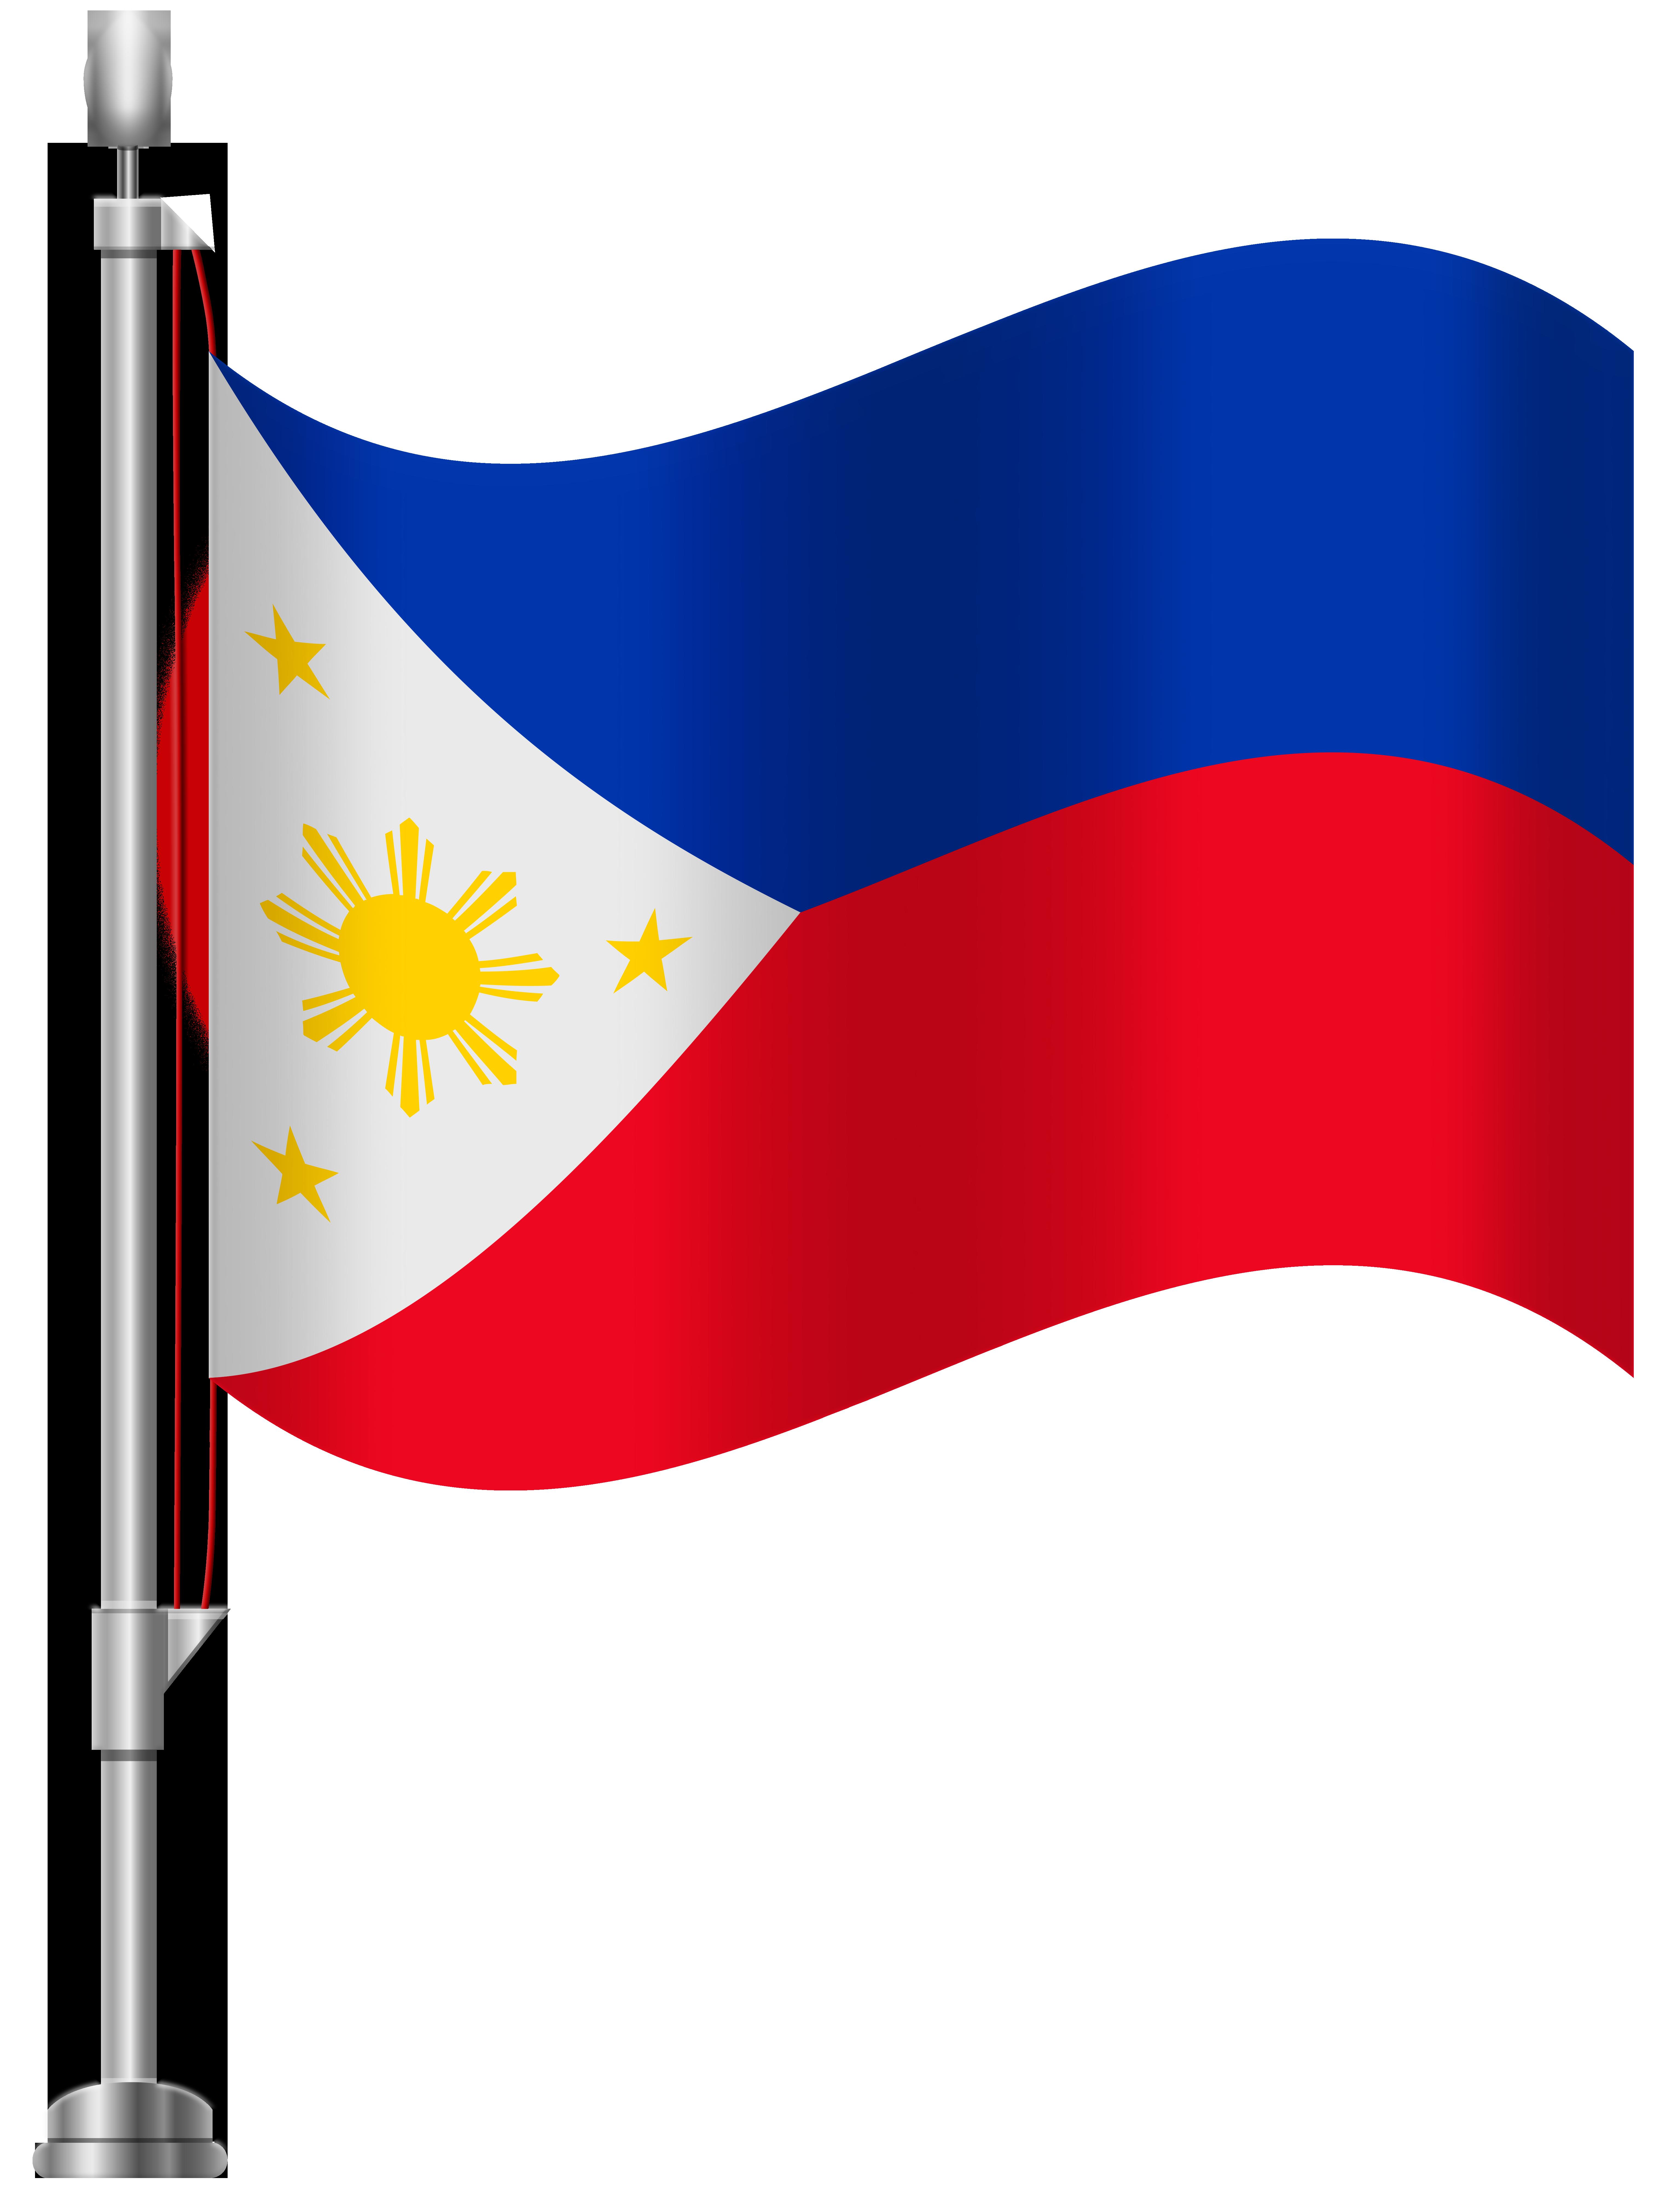 Filipino flag clipart